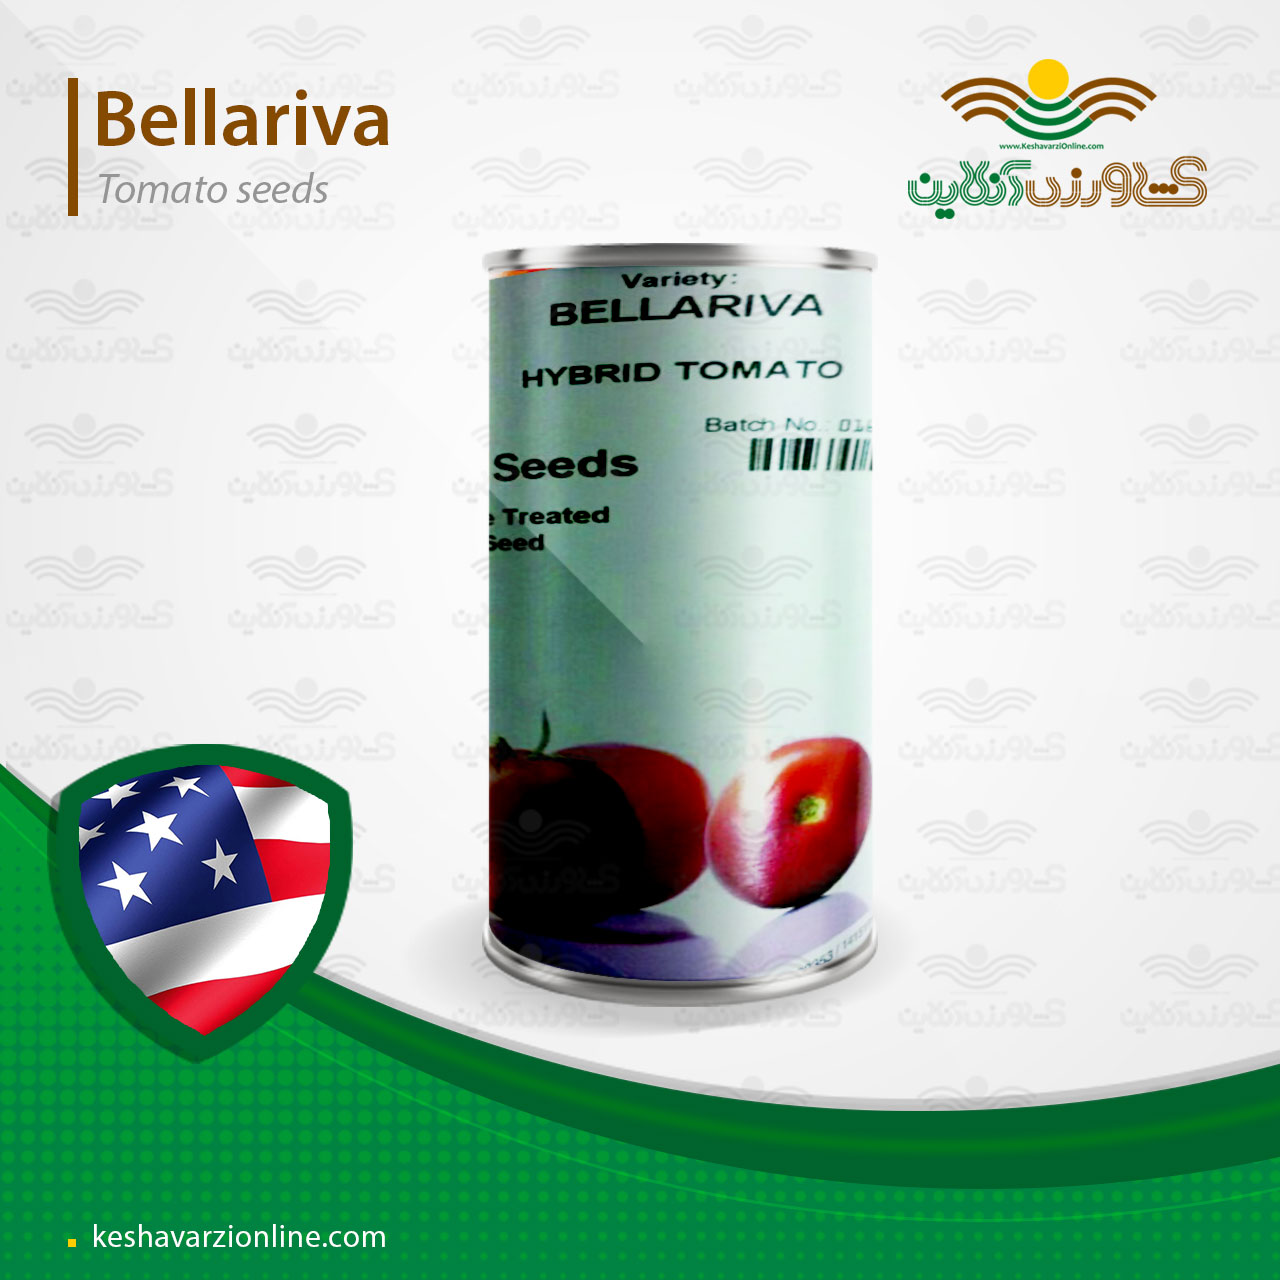 بذر گوجه فرنگی بلاریوا سیمینس آمریکا